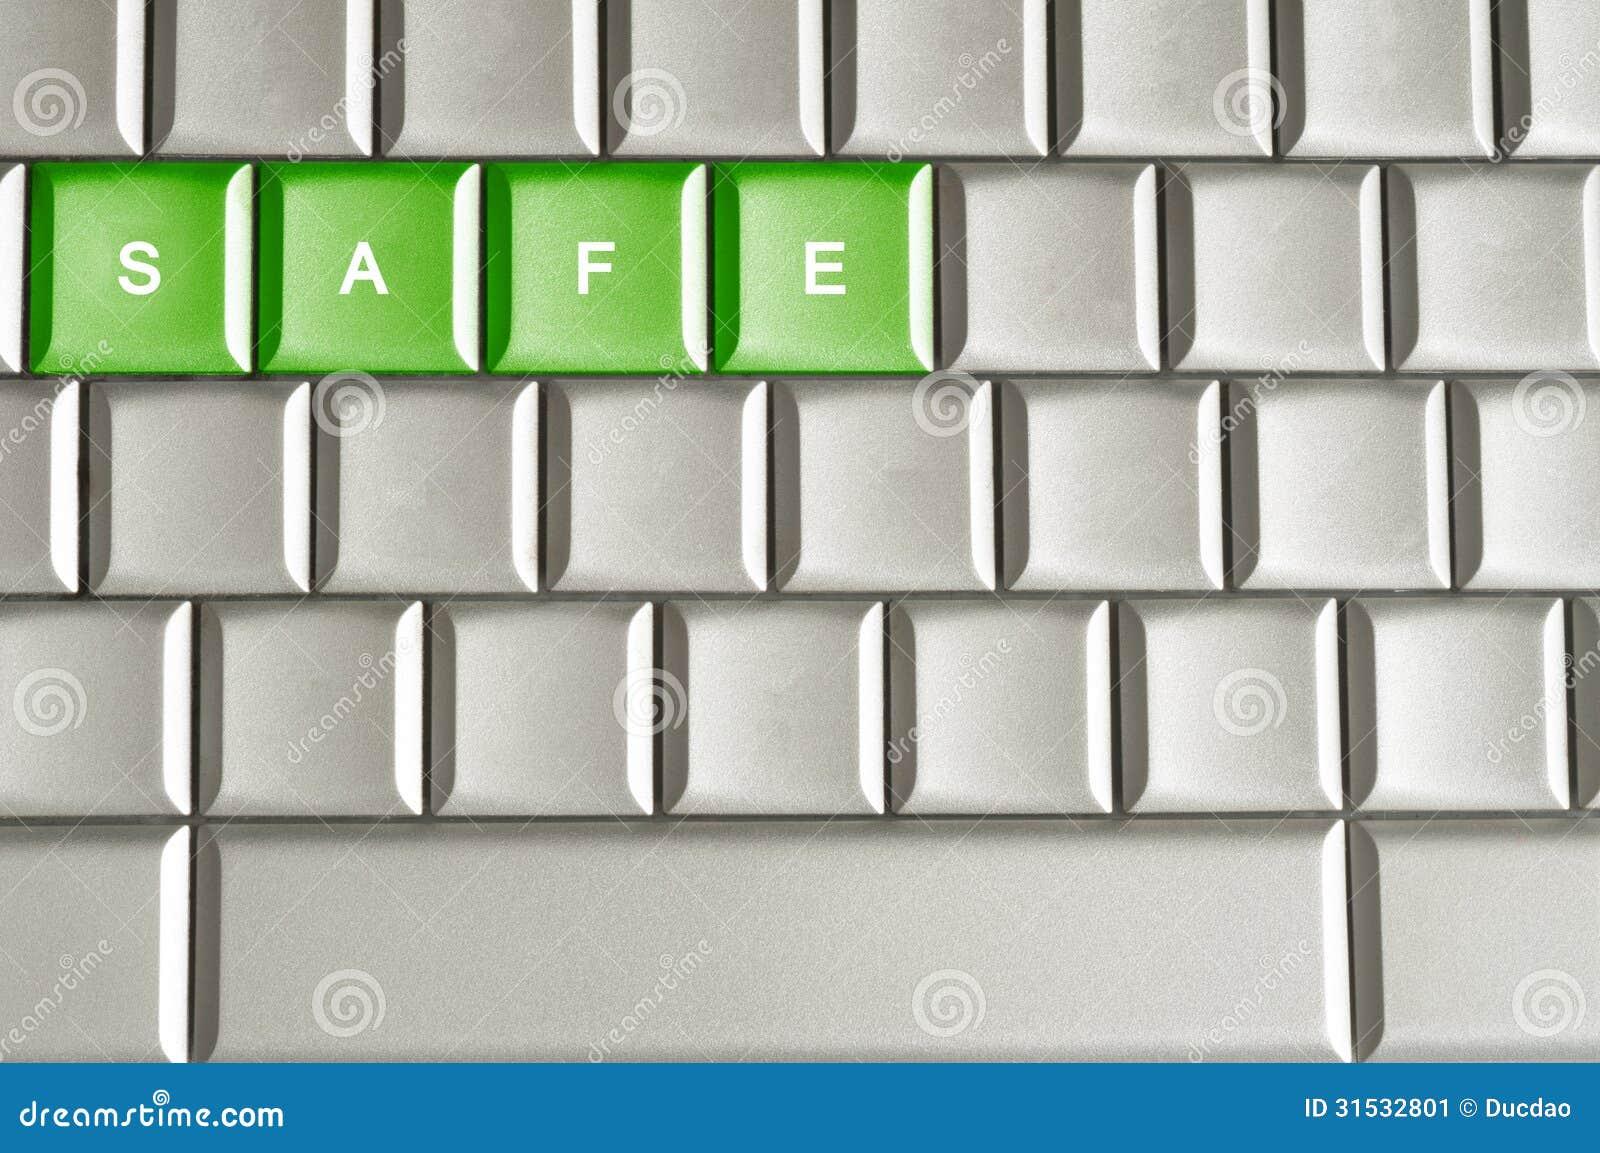 Metaaltoetsenbord met de woordbrandkast